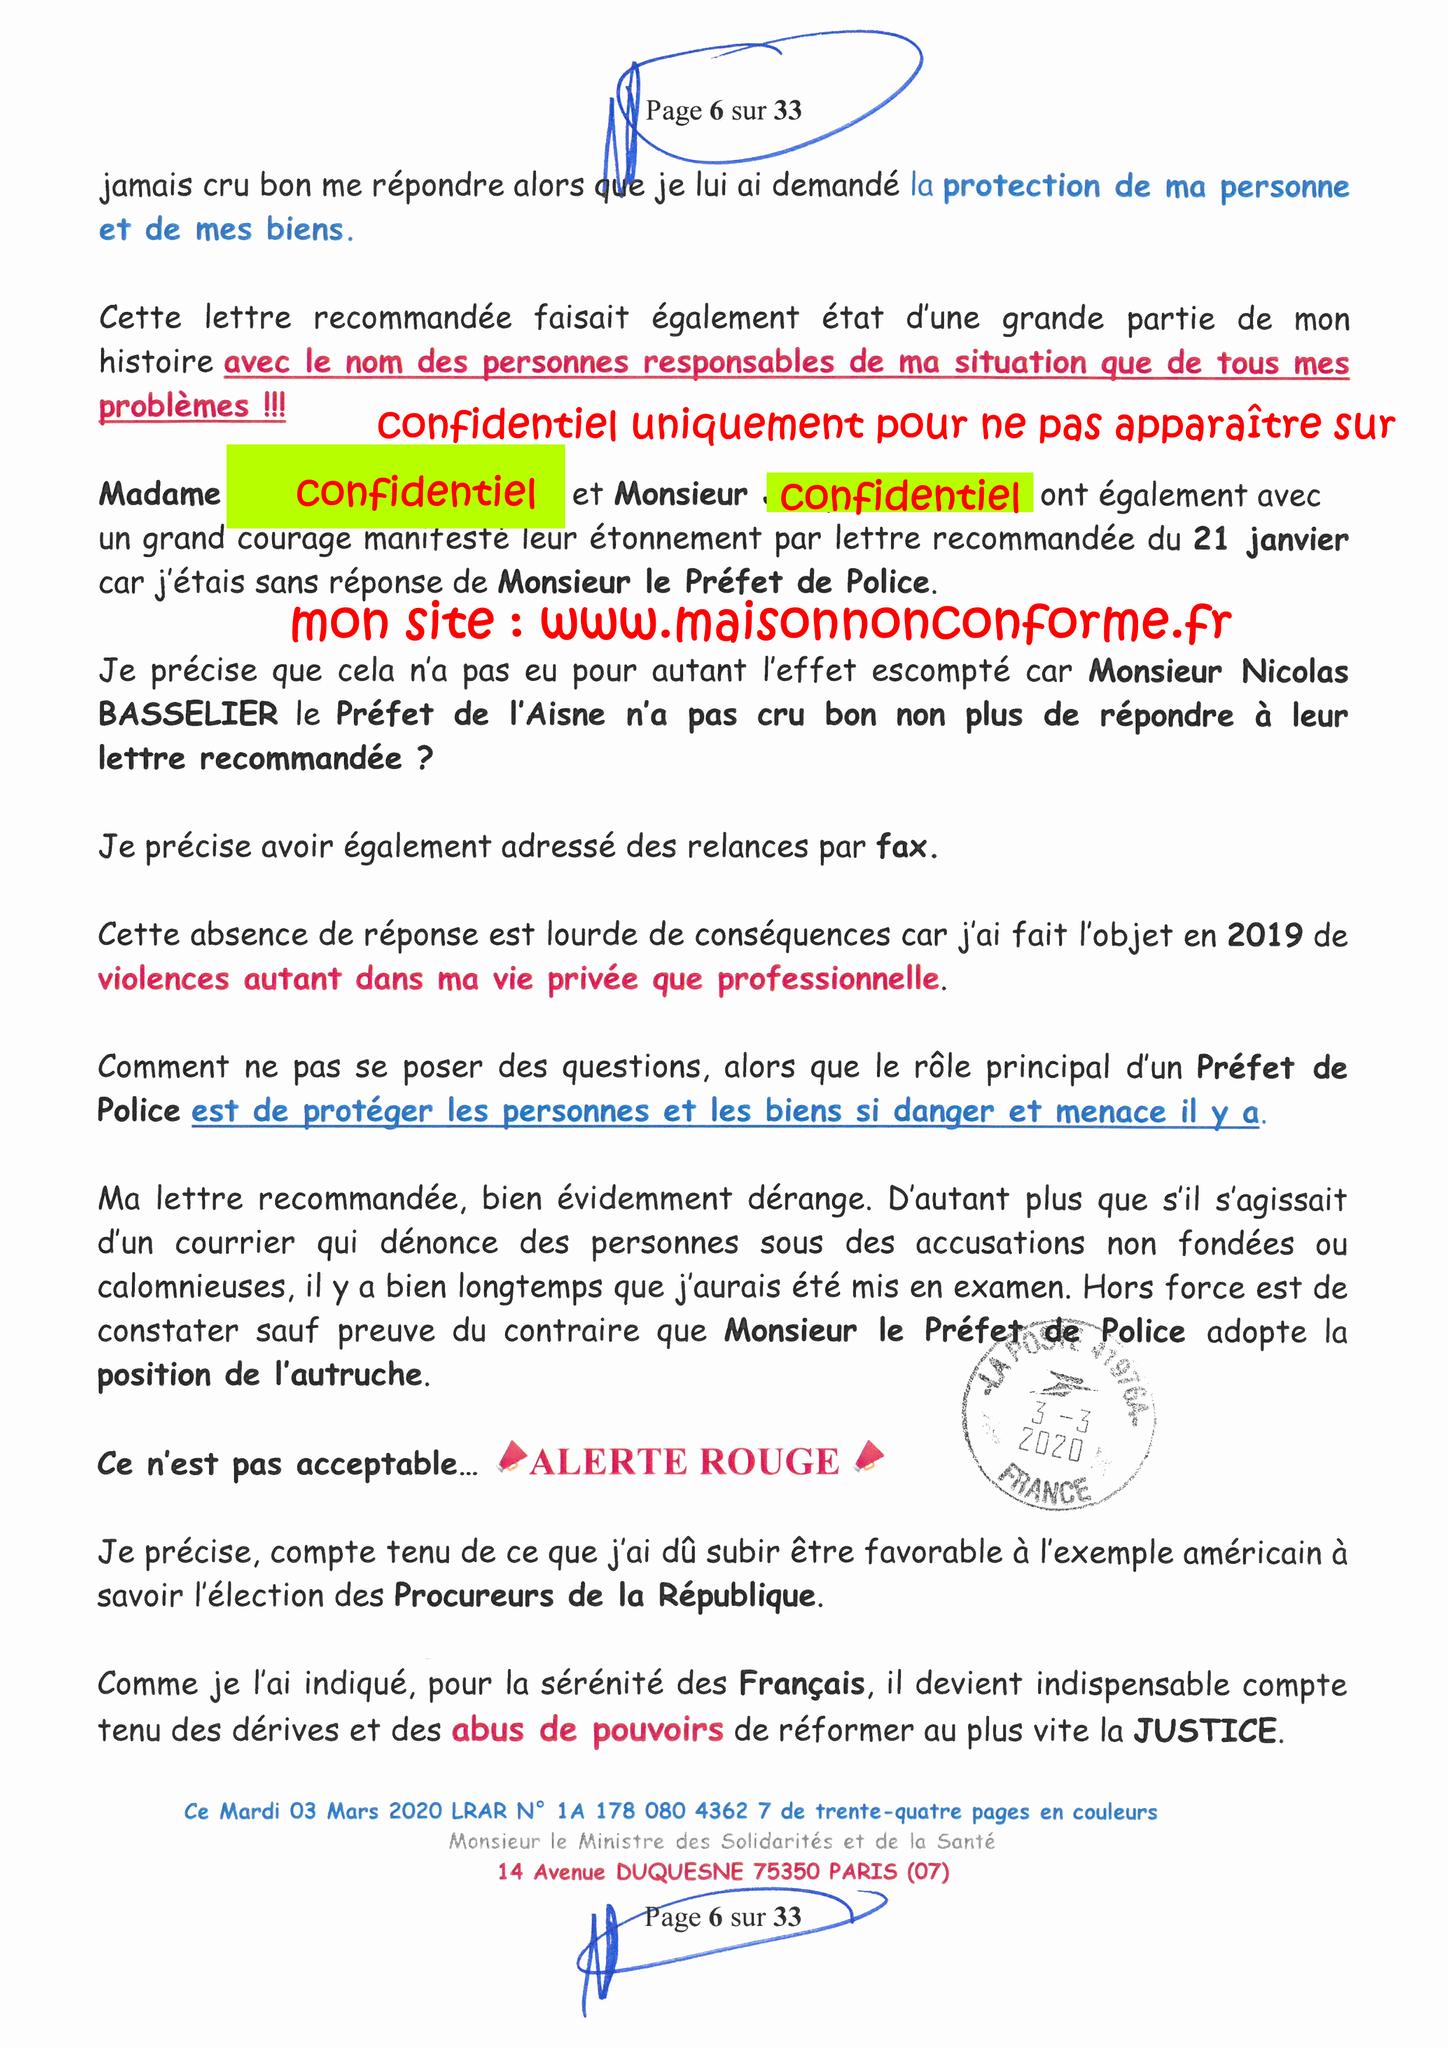 Page 6 sur 33 Ma lettre recommandée N0 1A 178 080 4362 7 du 03 Mars 2020 à Monsieur Olivier VERAN le Ministre de la Santé et des Solidarités www.jesuispatrick.fr